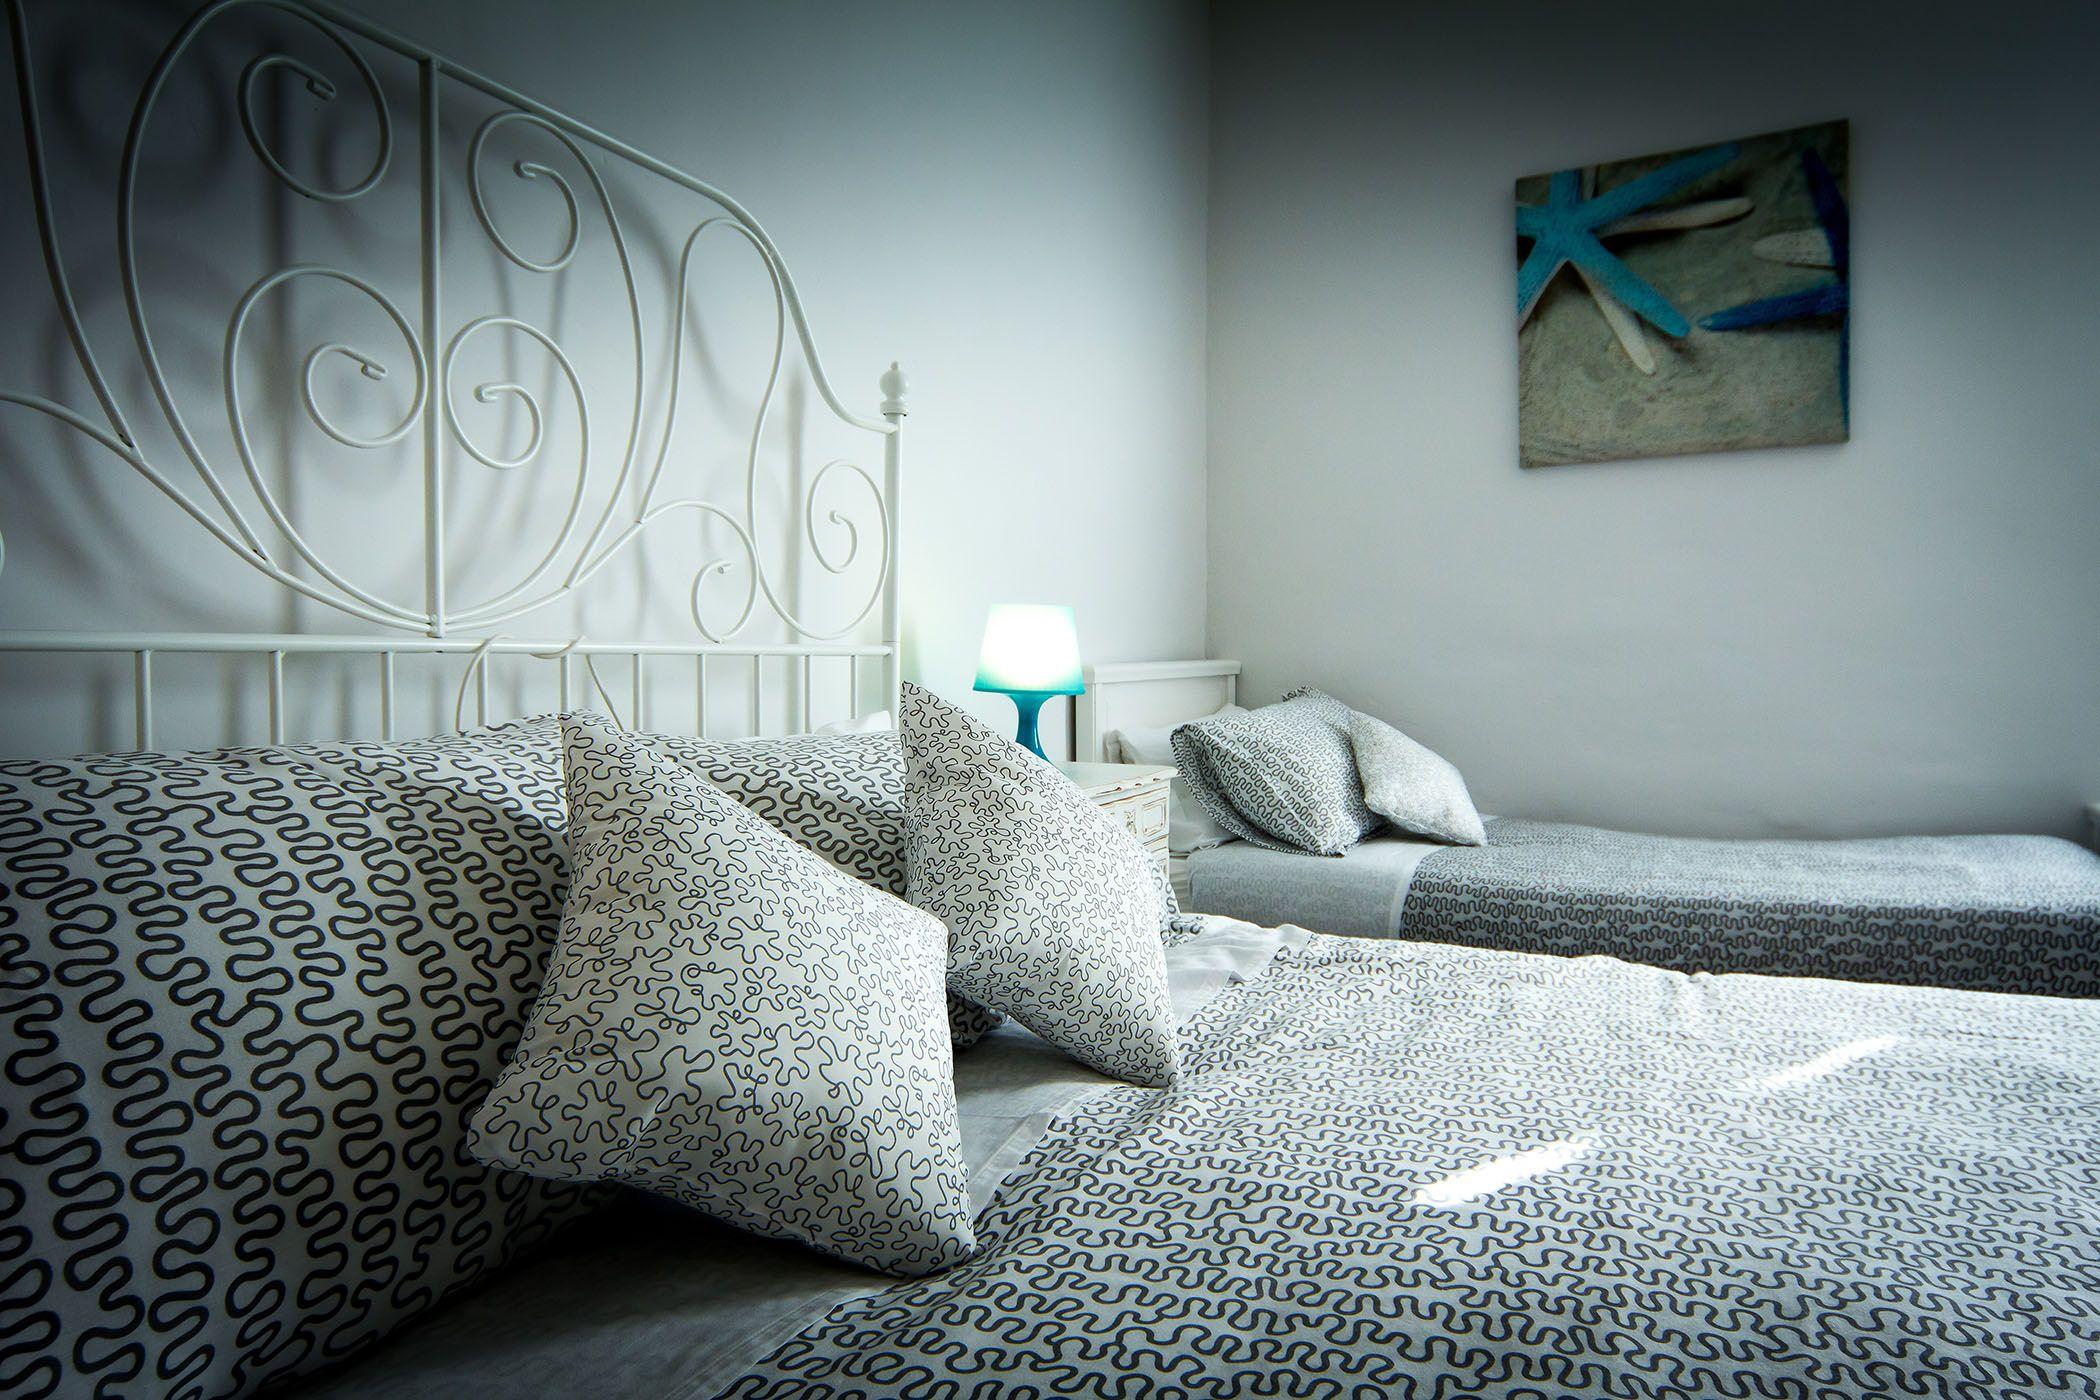 La camera è spaziosa, luminosa e tranquilla